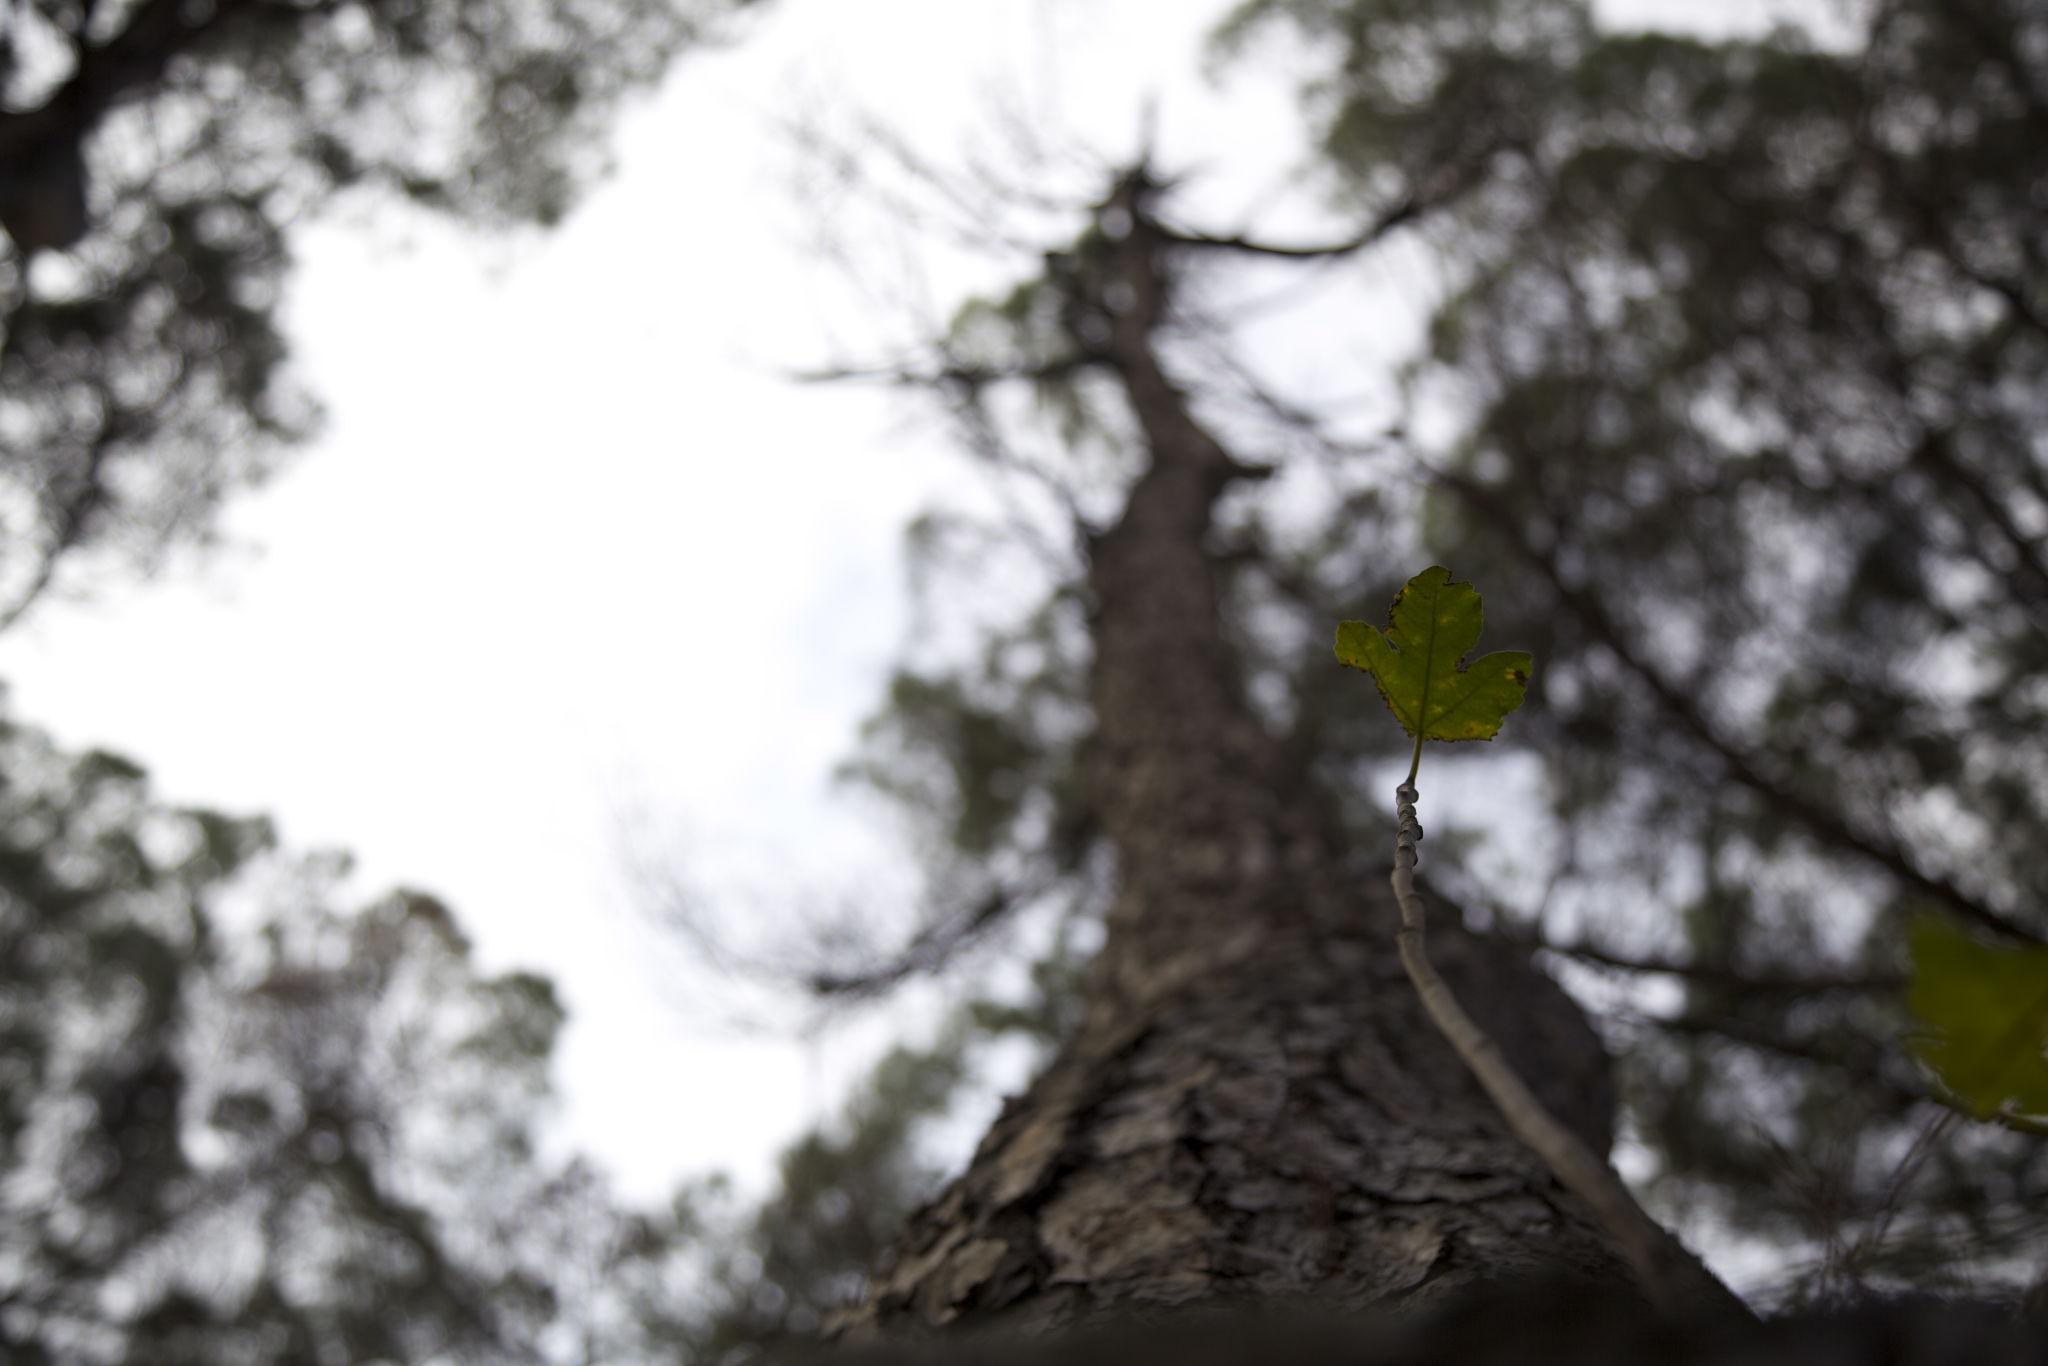 Immagini Di Piante E Alberi potatura alberi alto fusto | leader-servicesrl